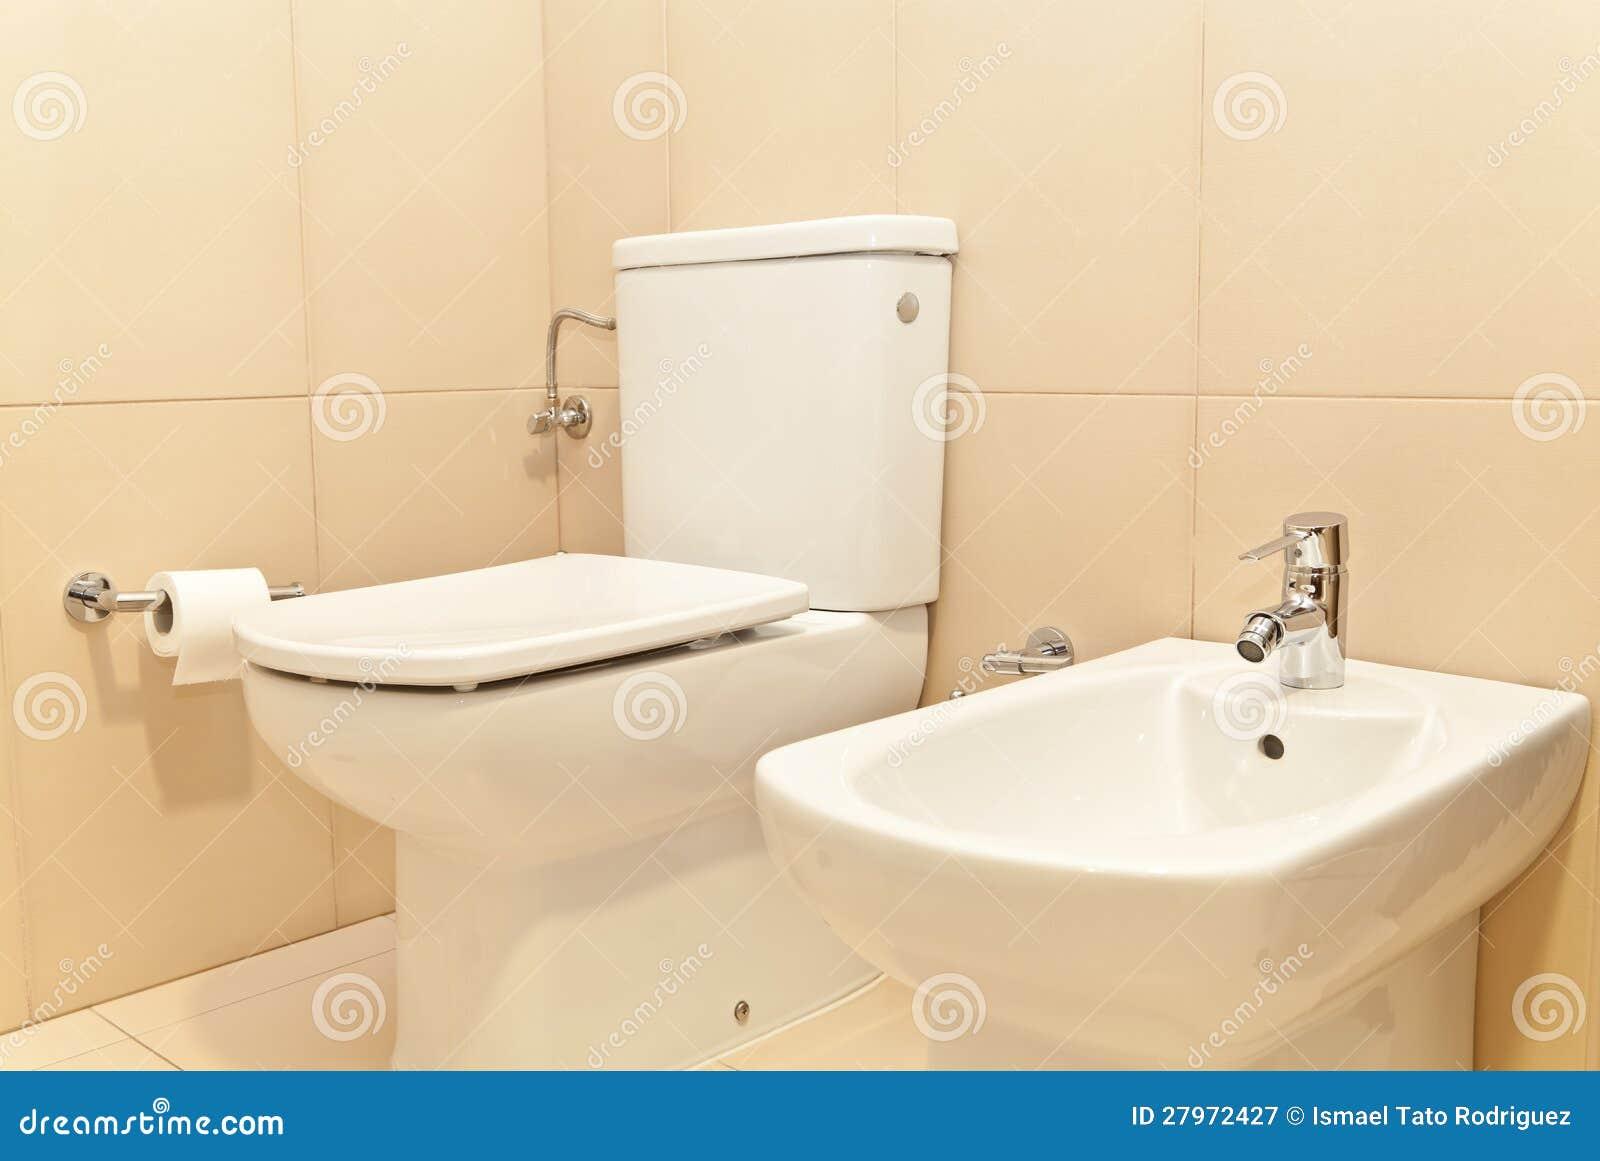 WC van het toilet en Bidet